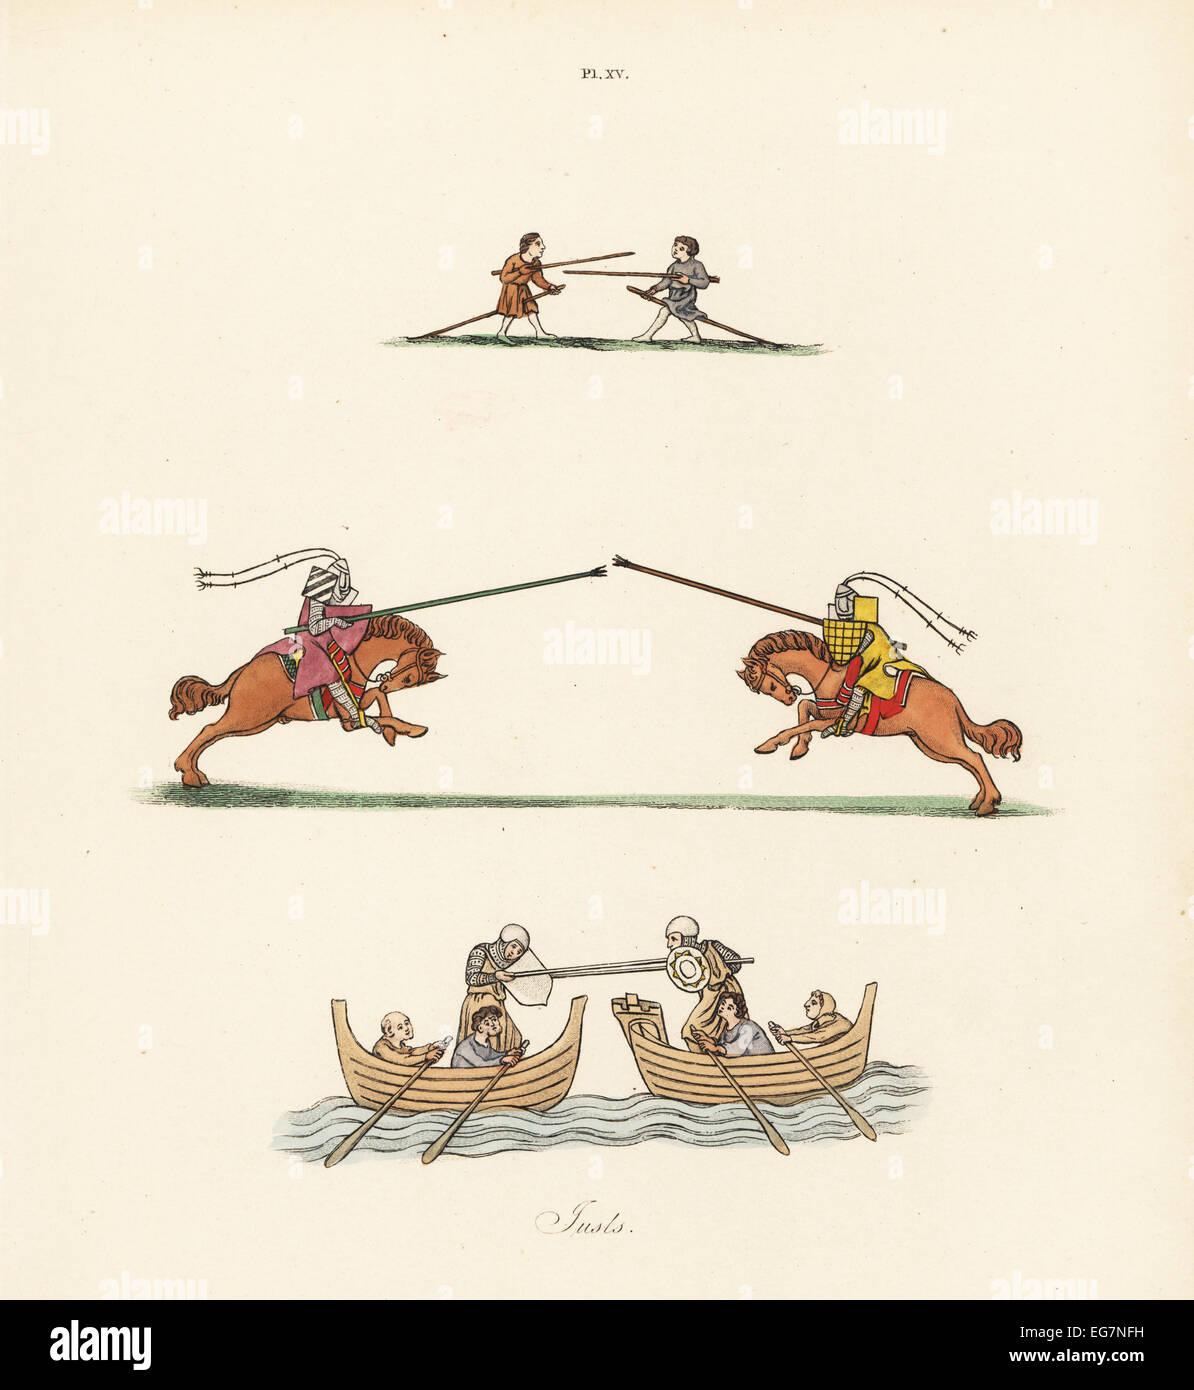 Ragazzi e cavalieri alla giostra, XIV secolo. Immagini Stock